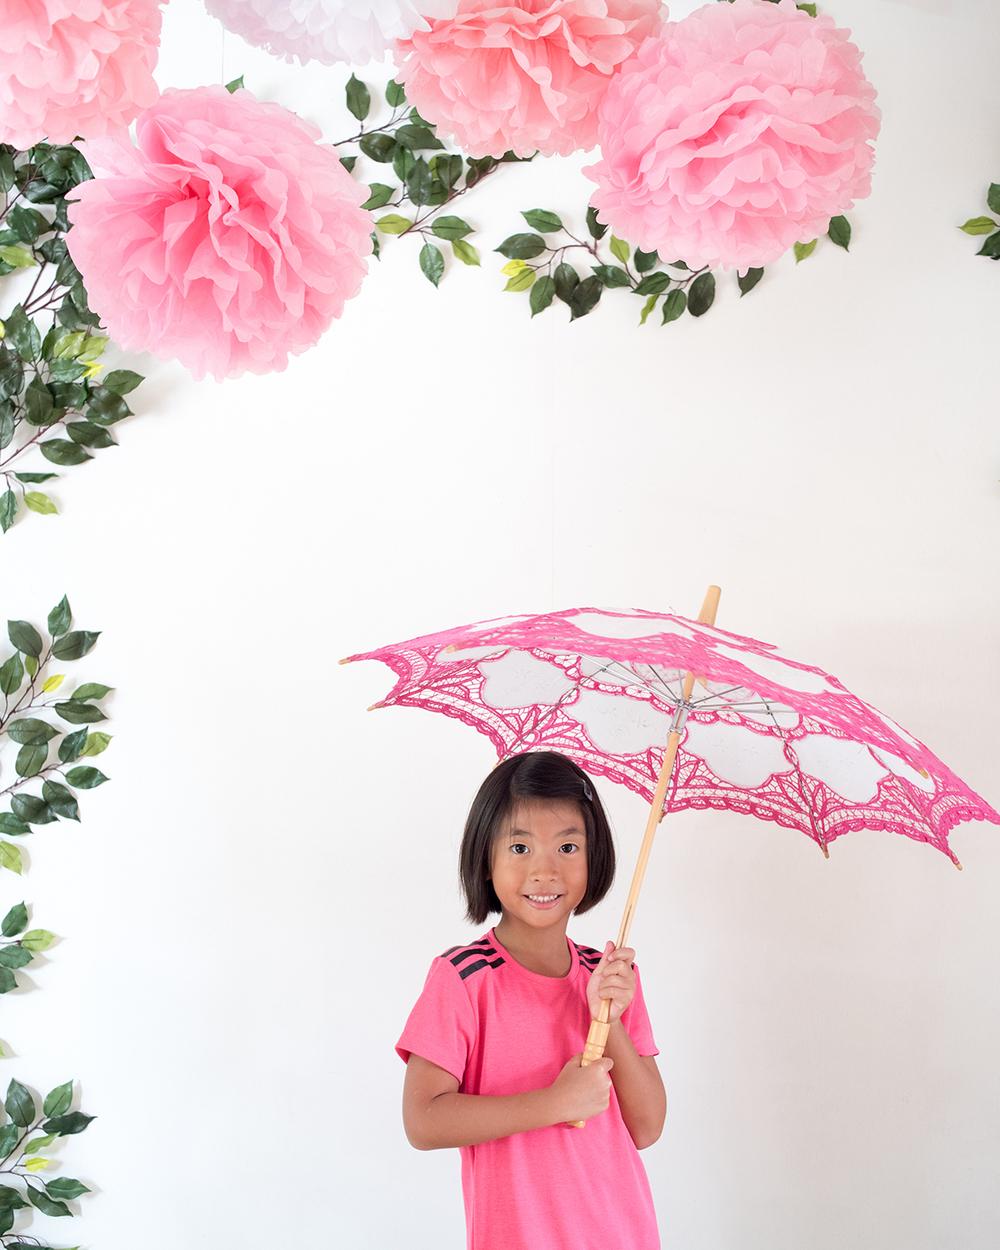 singapore-family-candid-portrait-parenting-07